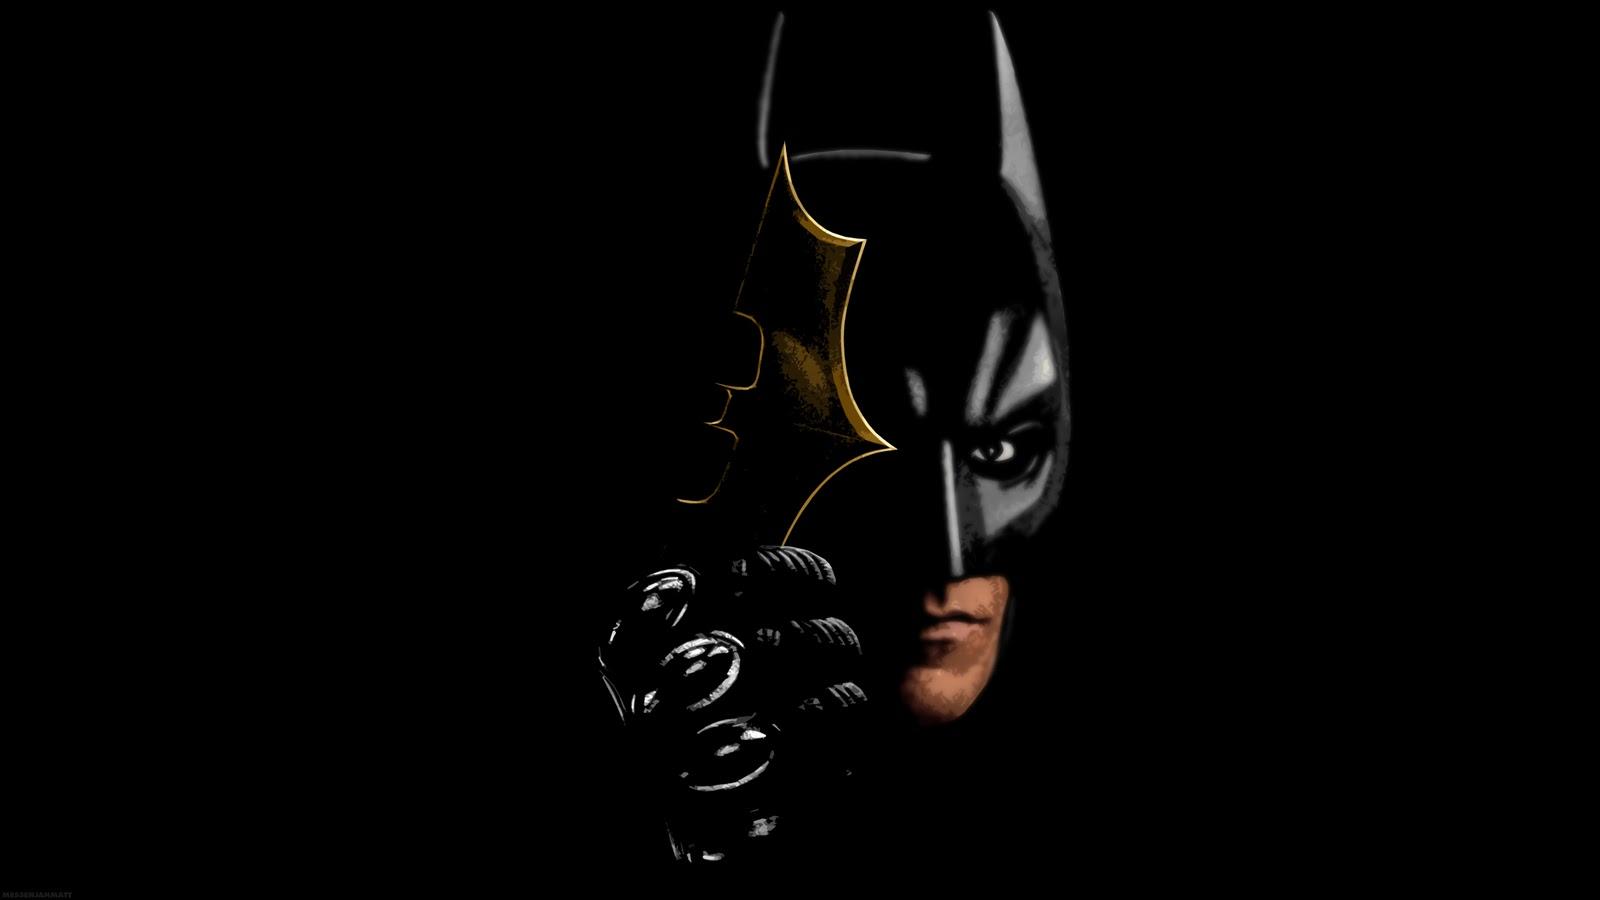 صور خلفيات باتمان , صور البطل الخارق محبوب الاطفال